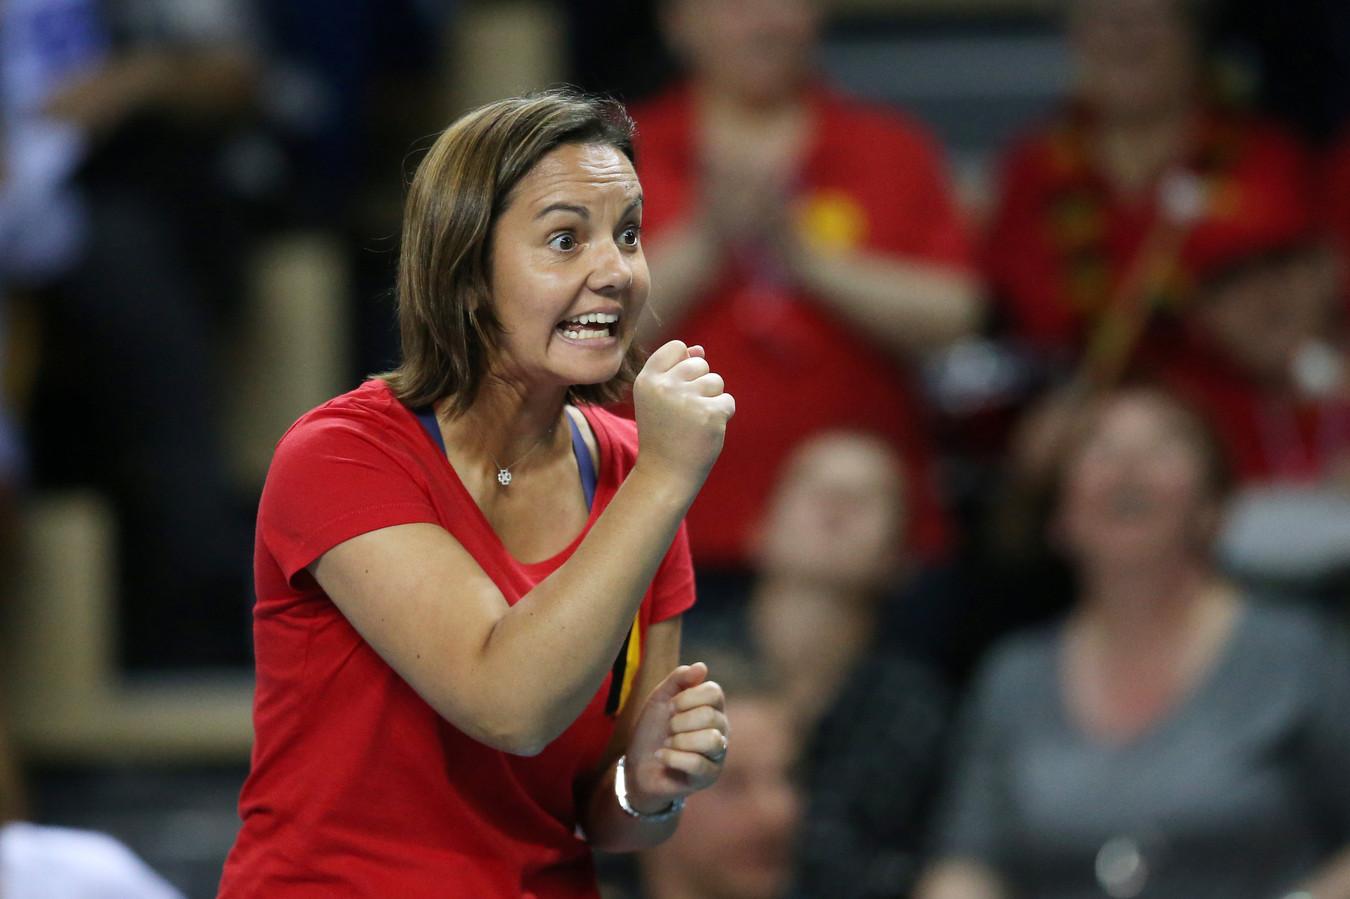 """In de marge van de studie stelde ex-tennisster en coach Dominique Monami dat er voor de aanwezigheid van vrouwen in de bestuursorganen van sportorganisaties """"bij een deel van mannen een mentaliteitswijziging nodig is""""."""